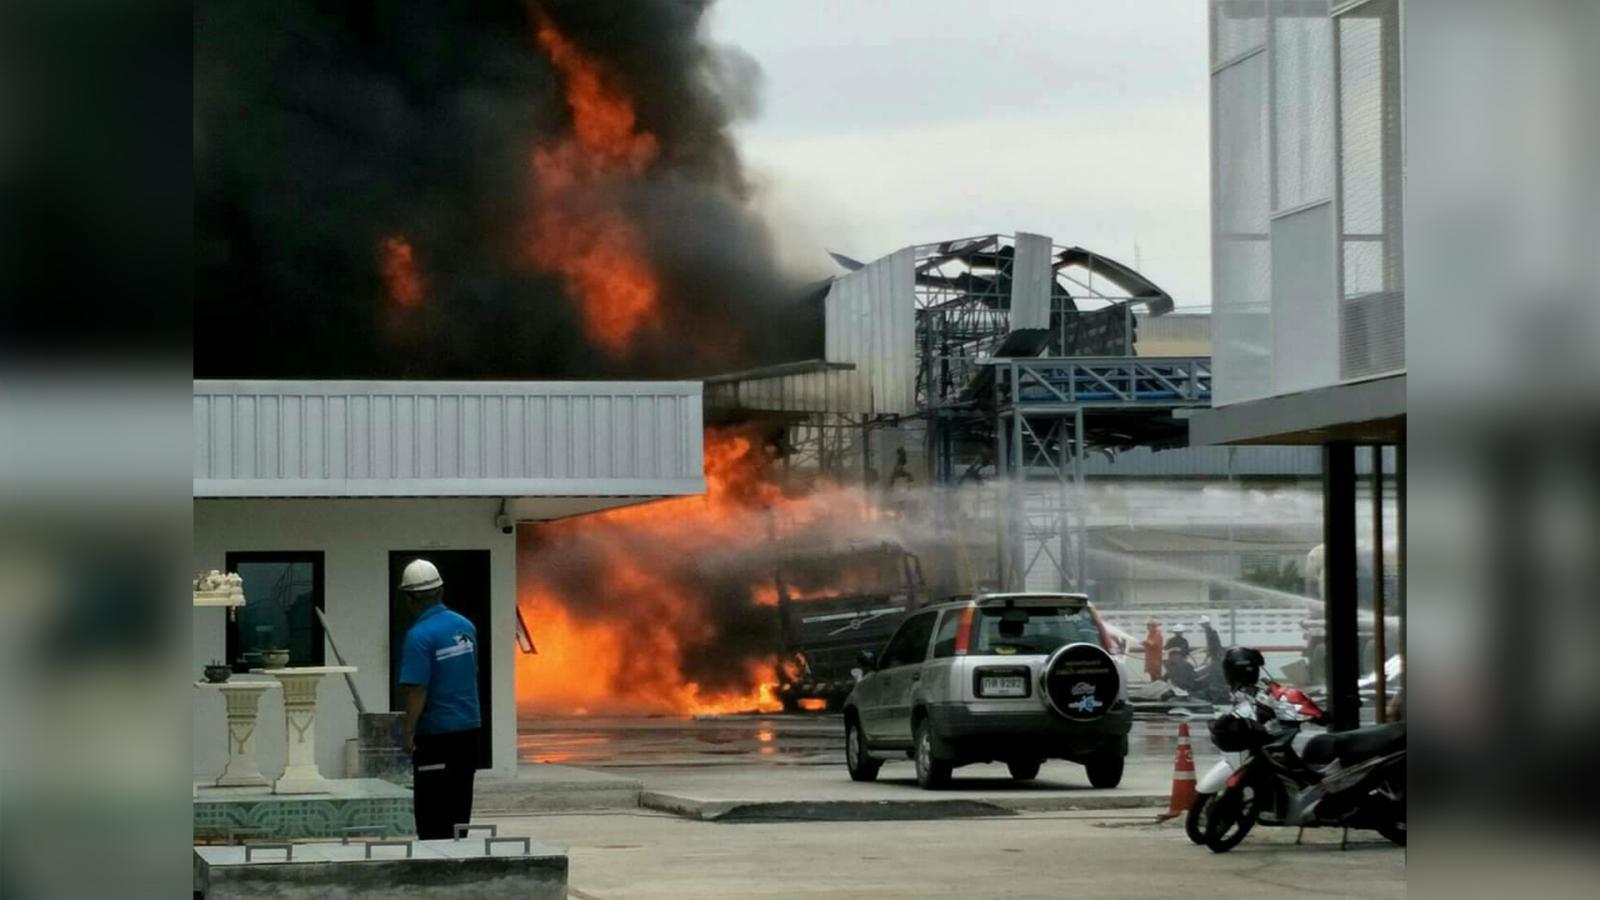 รถบรรทุกน้ำมันระเบิด! ไฟโหมกระหน่ำ ในนิคมอมตะนครชลบุรี